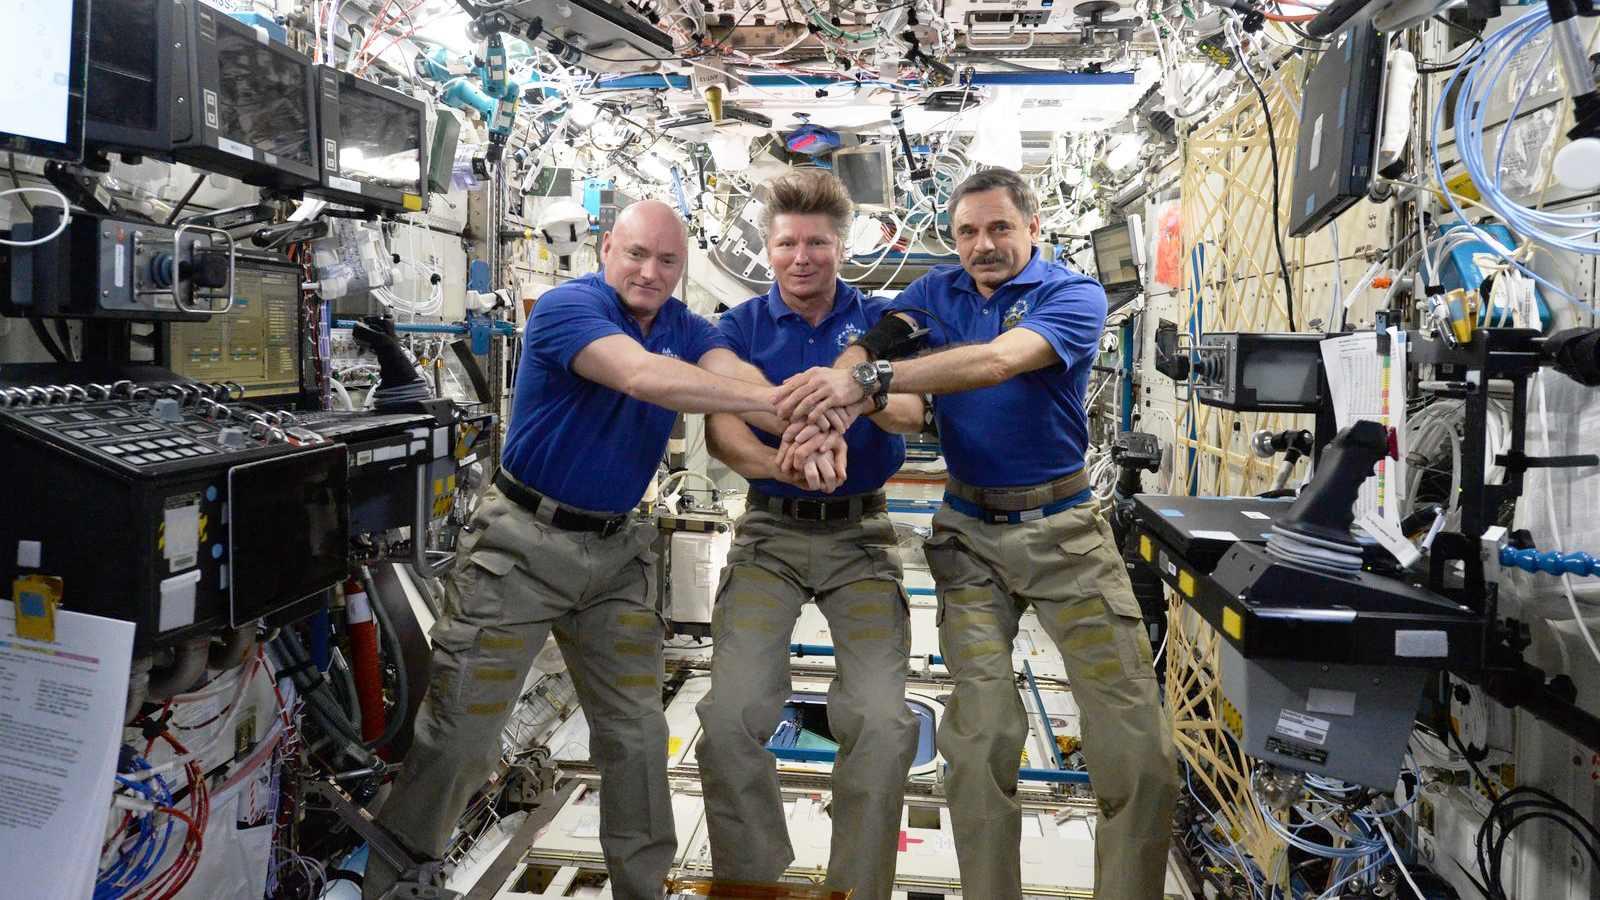 Scott Kelly, Guennadi Padalka et Mikhail Kornienko à bord de l'ISS. Kelly et Kornienko y resteront un an, Padalka 6 mois tout en battant le record du plus long temps cumulé dans l'espace (2 ans et 5 mois)